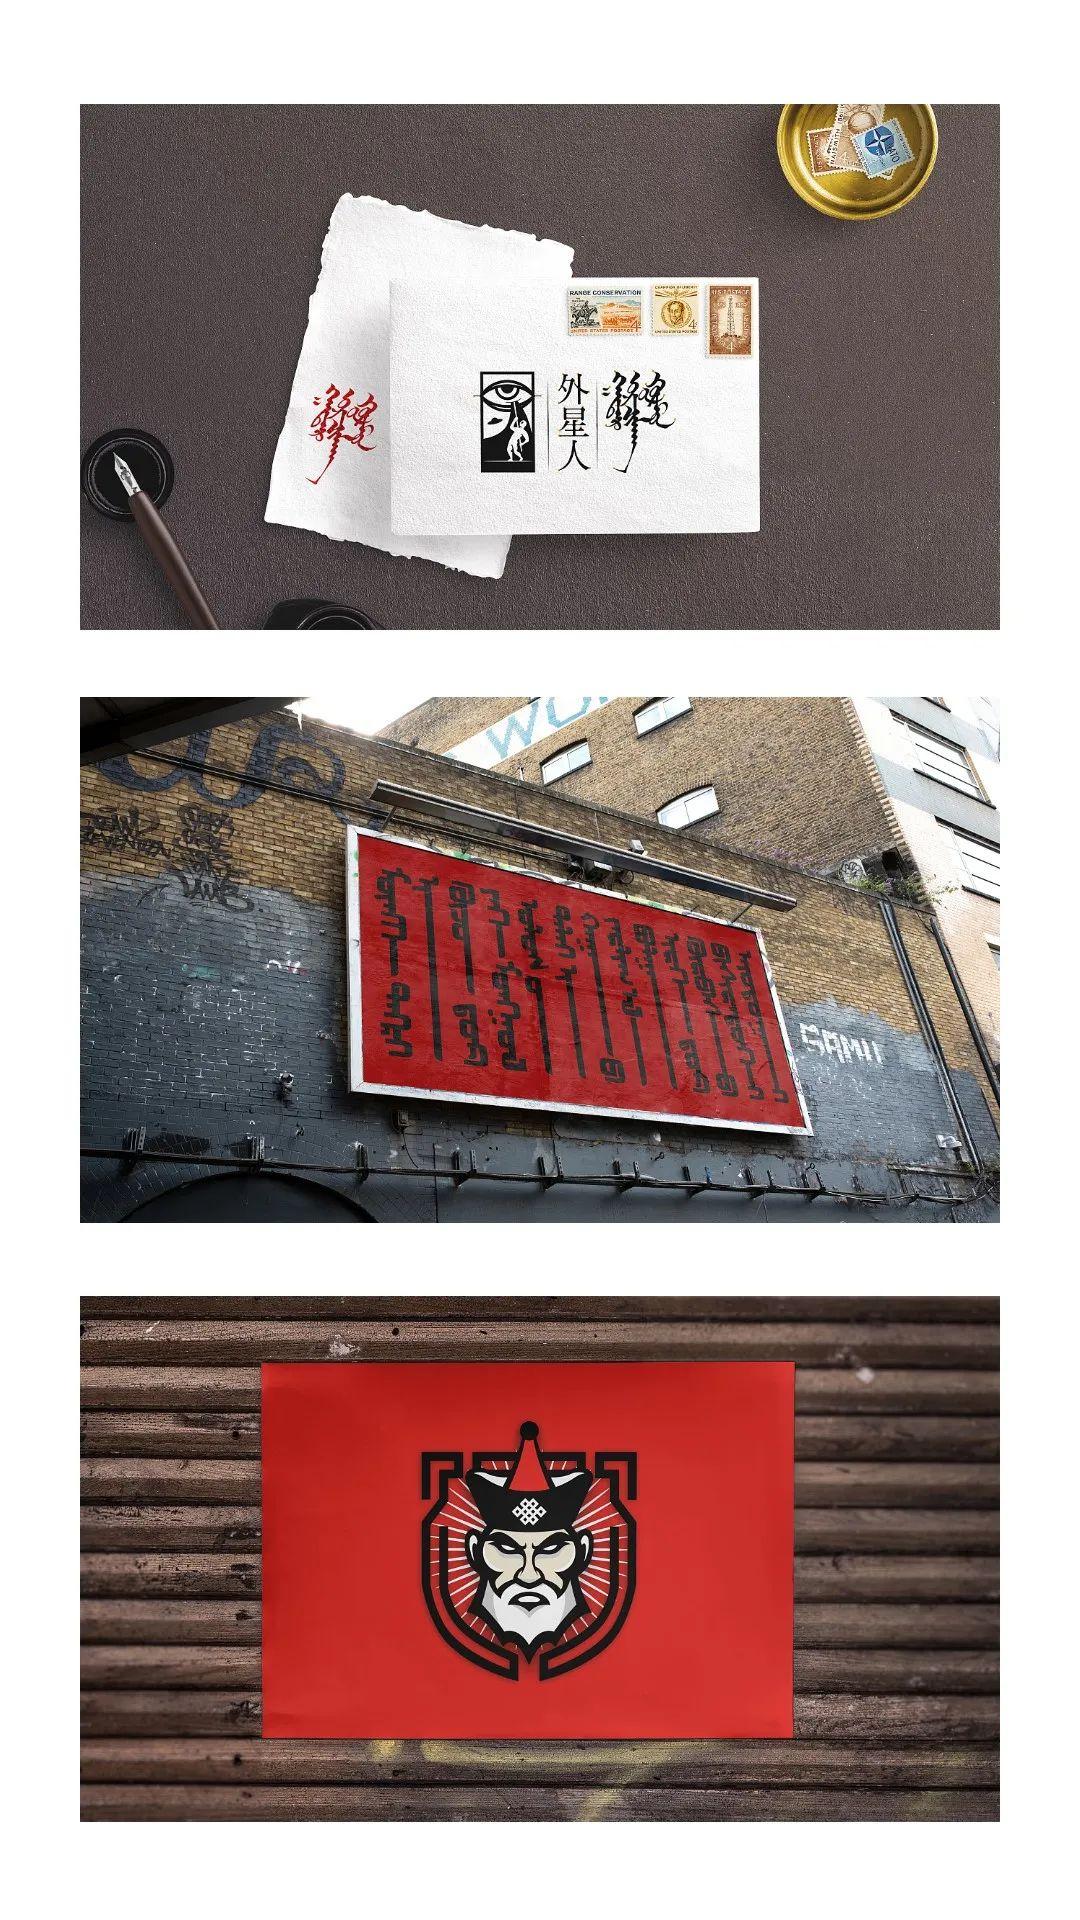 超赞的蒙元素设计-看完马上收藏 #Hotoch-Design#设计案例 第7张